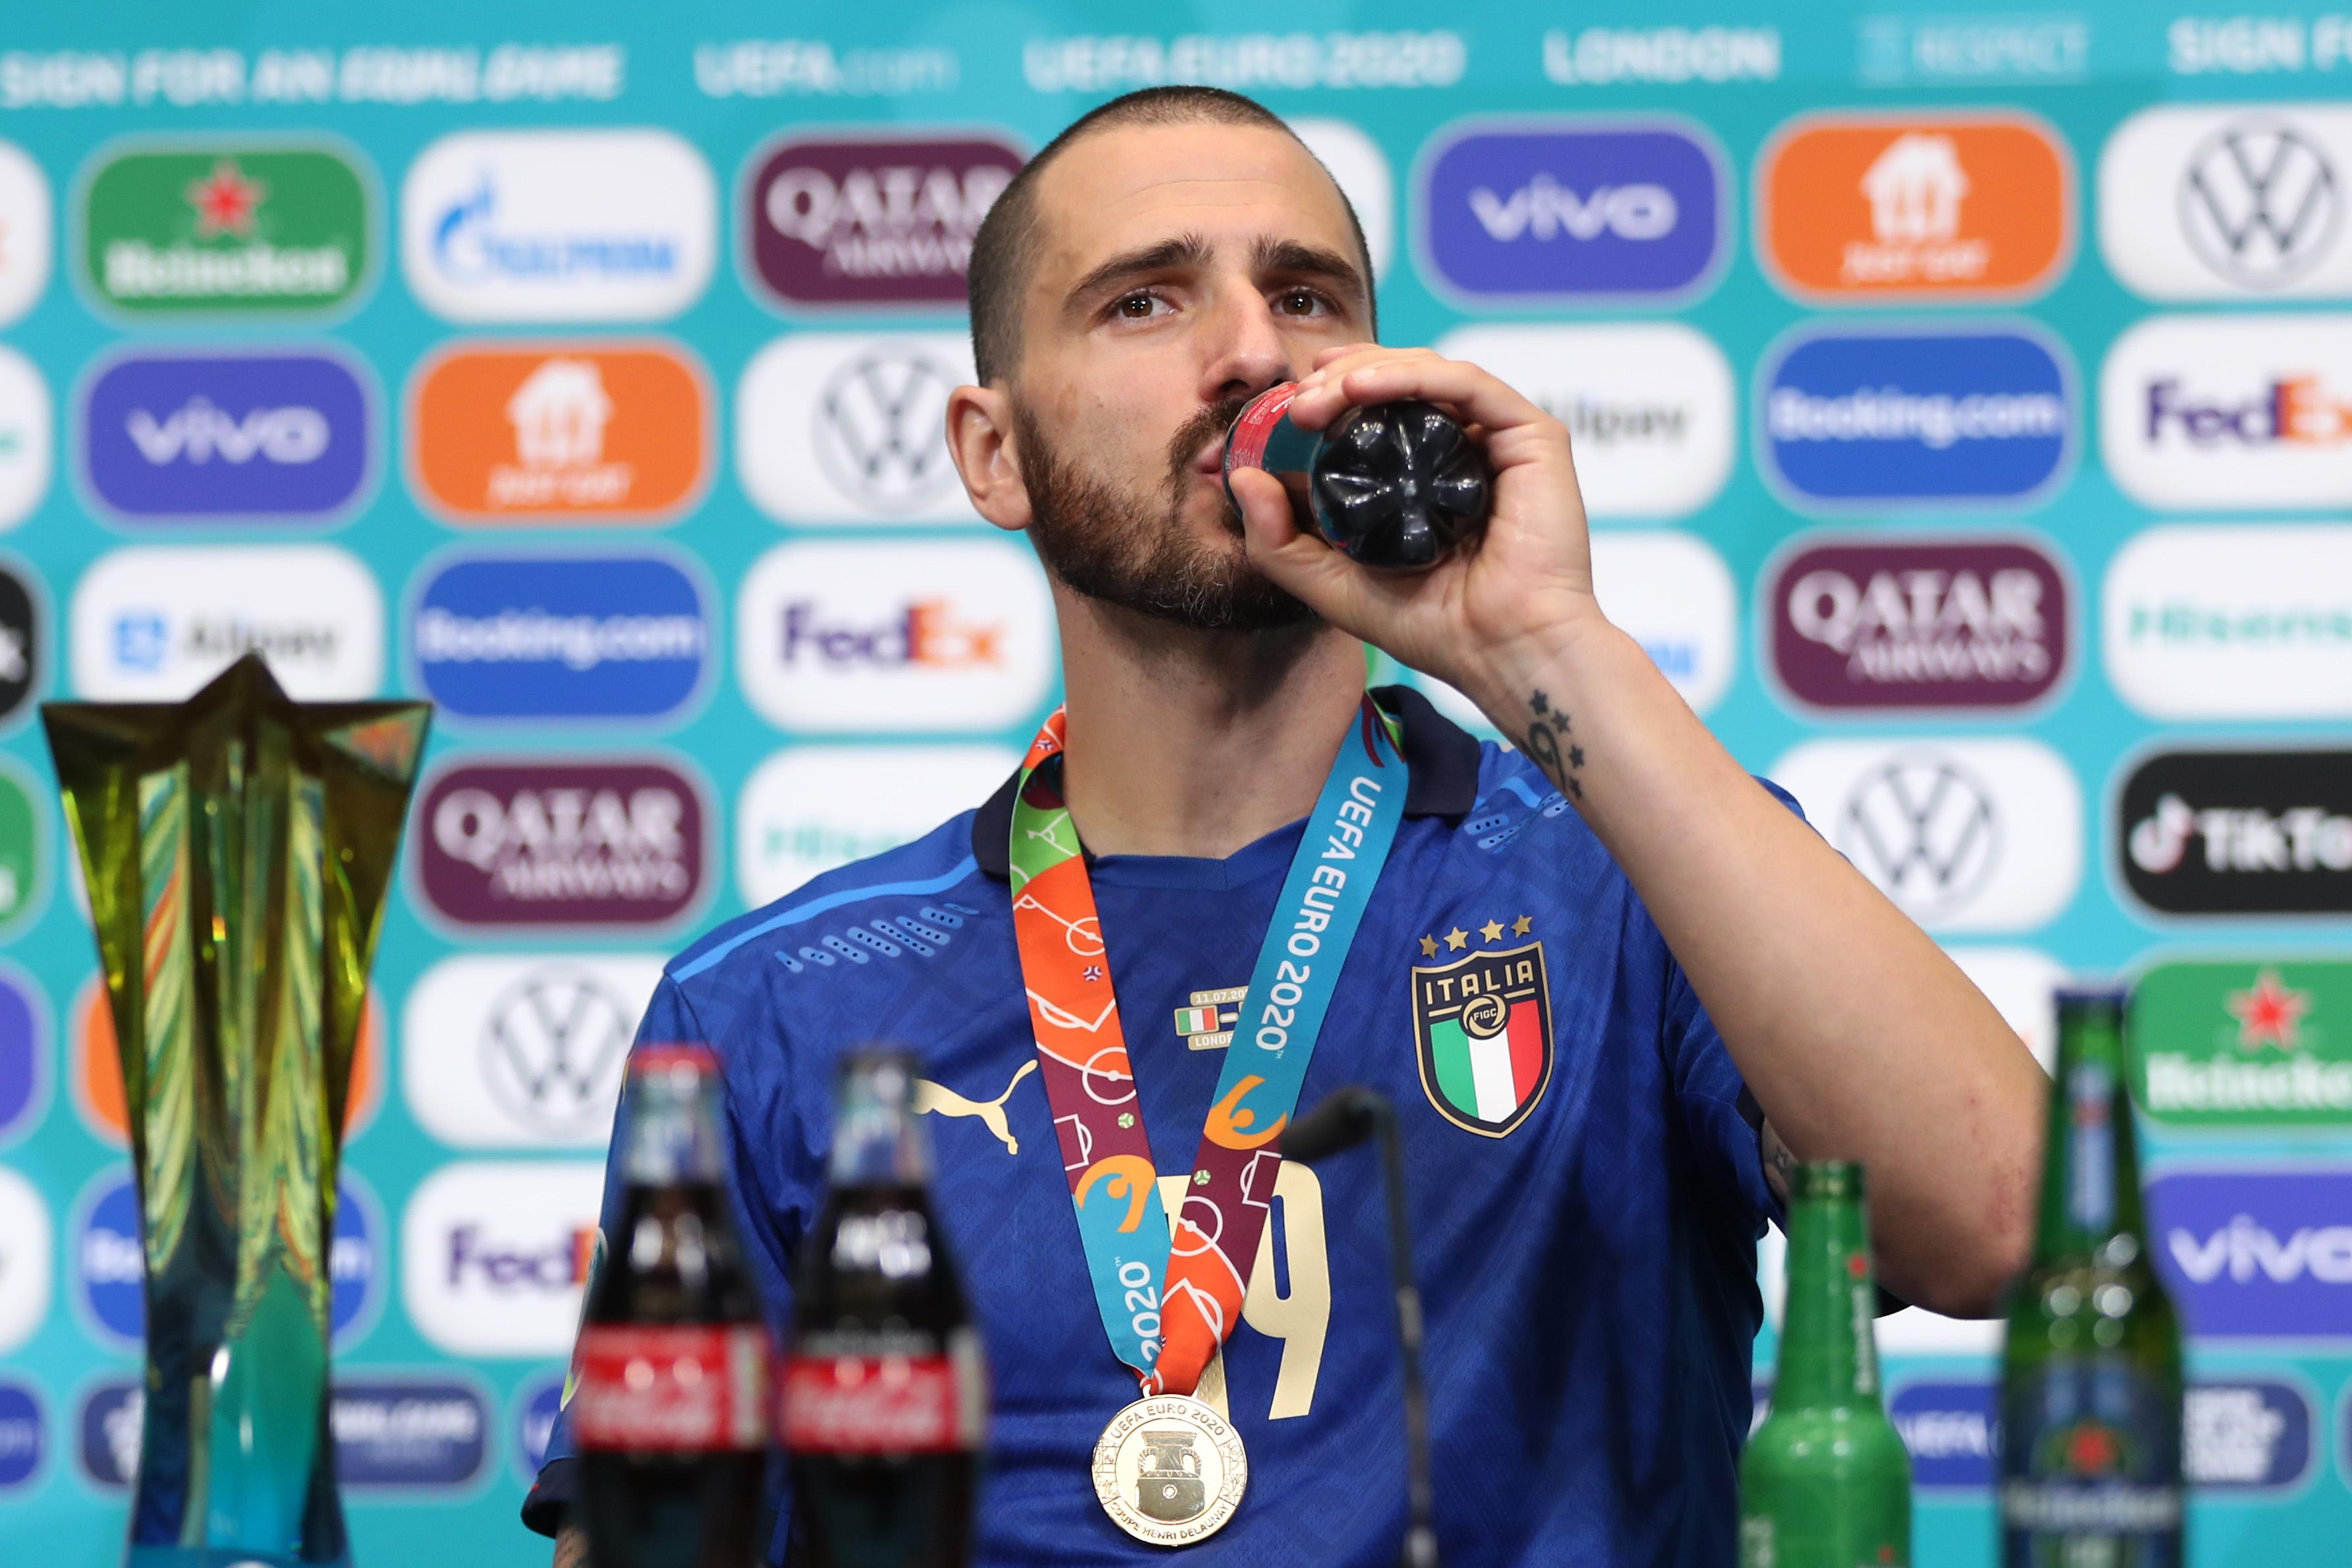 博努奇畅饮可乐。